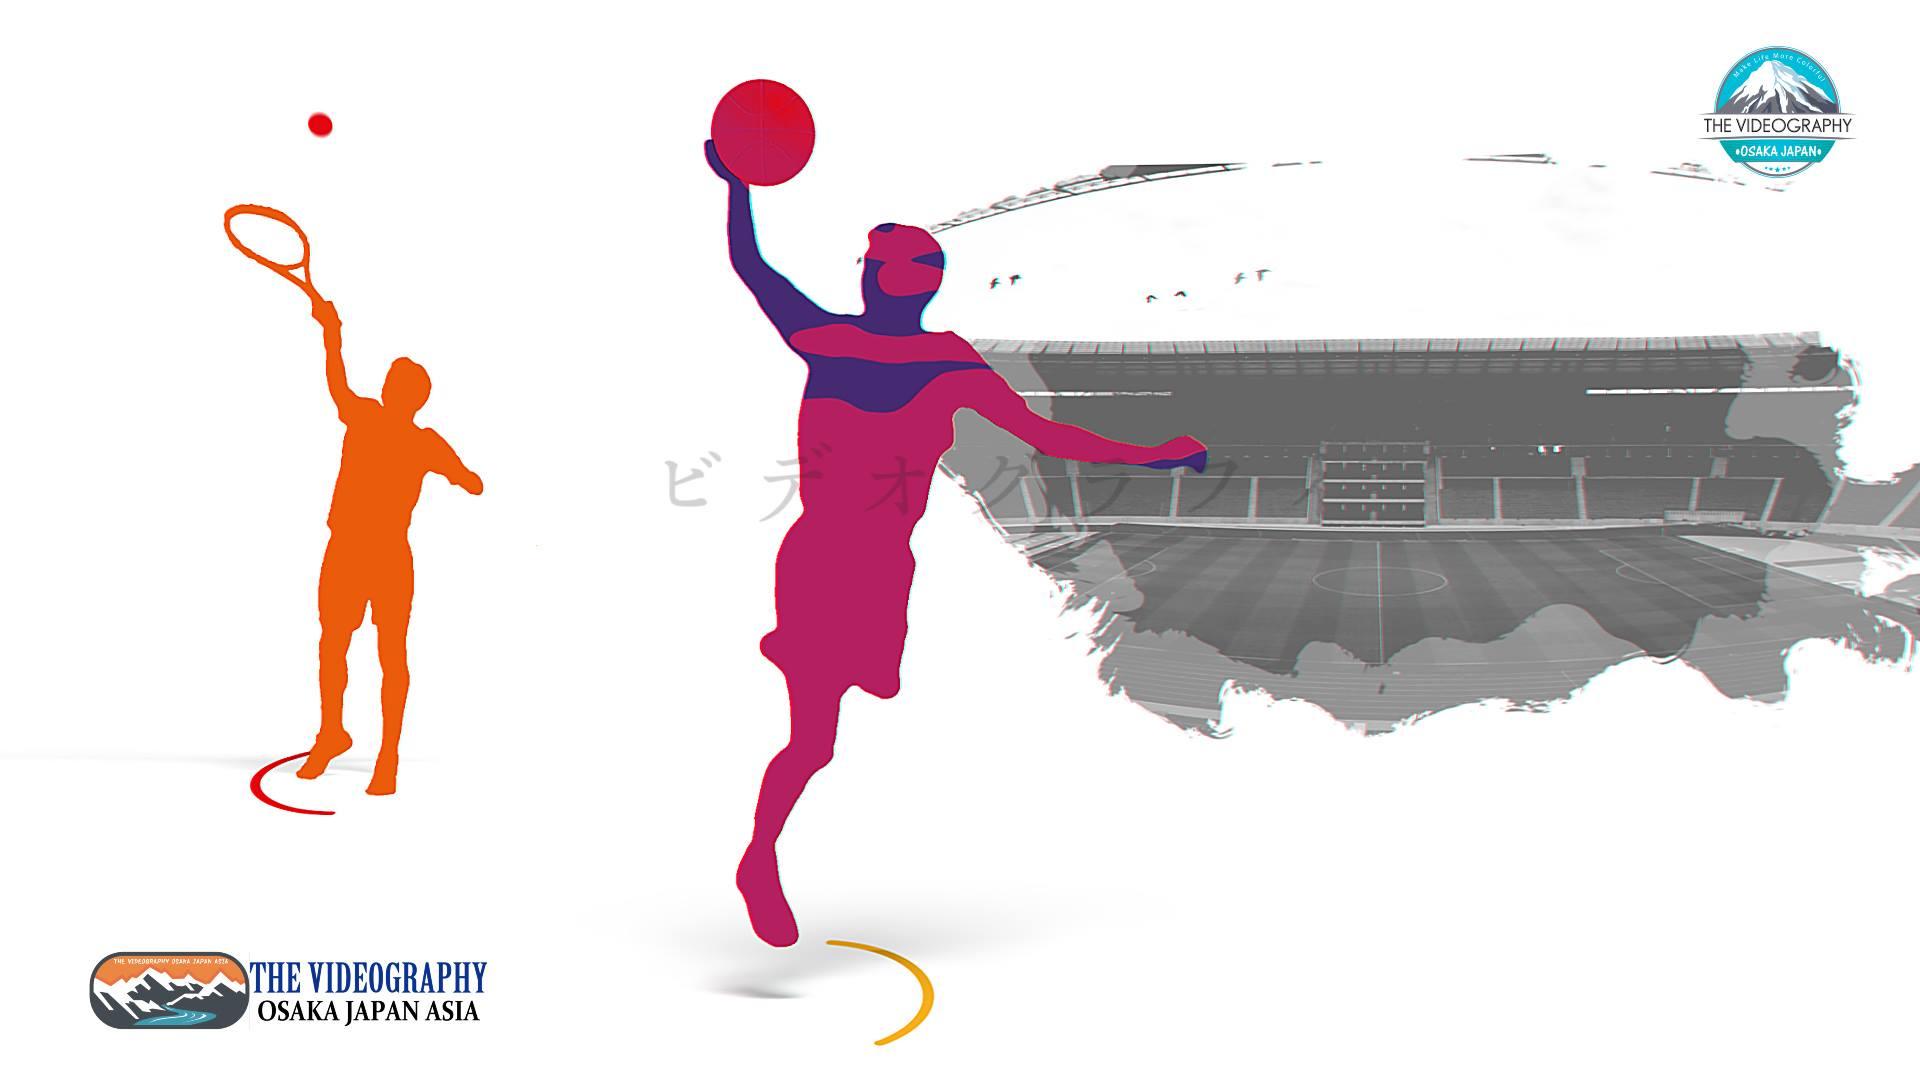 テニス バレーボールなどスポーツ行事 運動会のオープニング動画コンテンツ制作